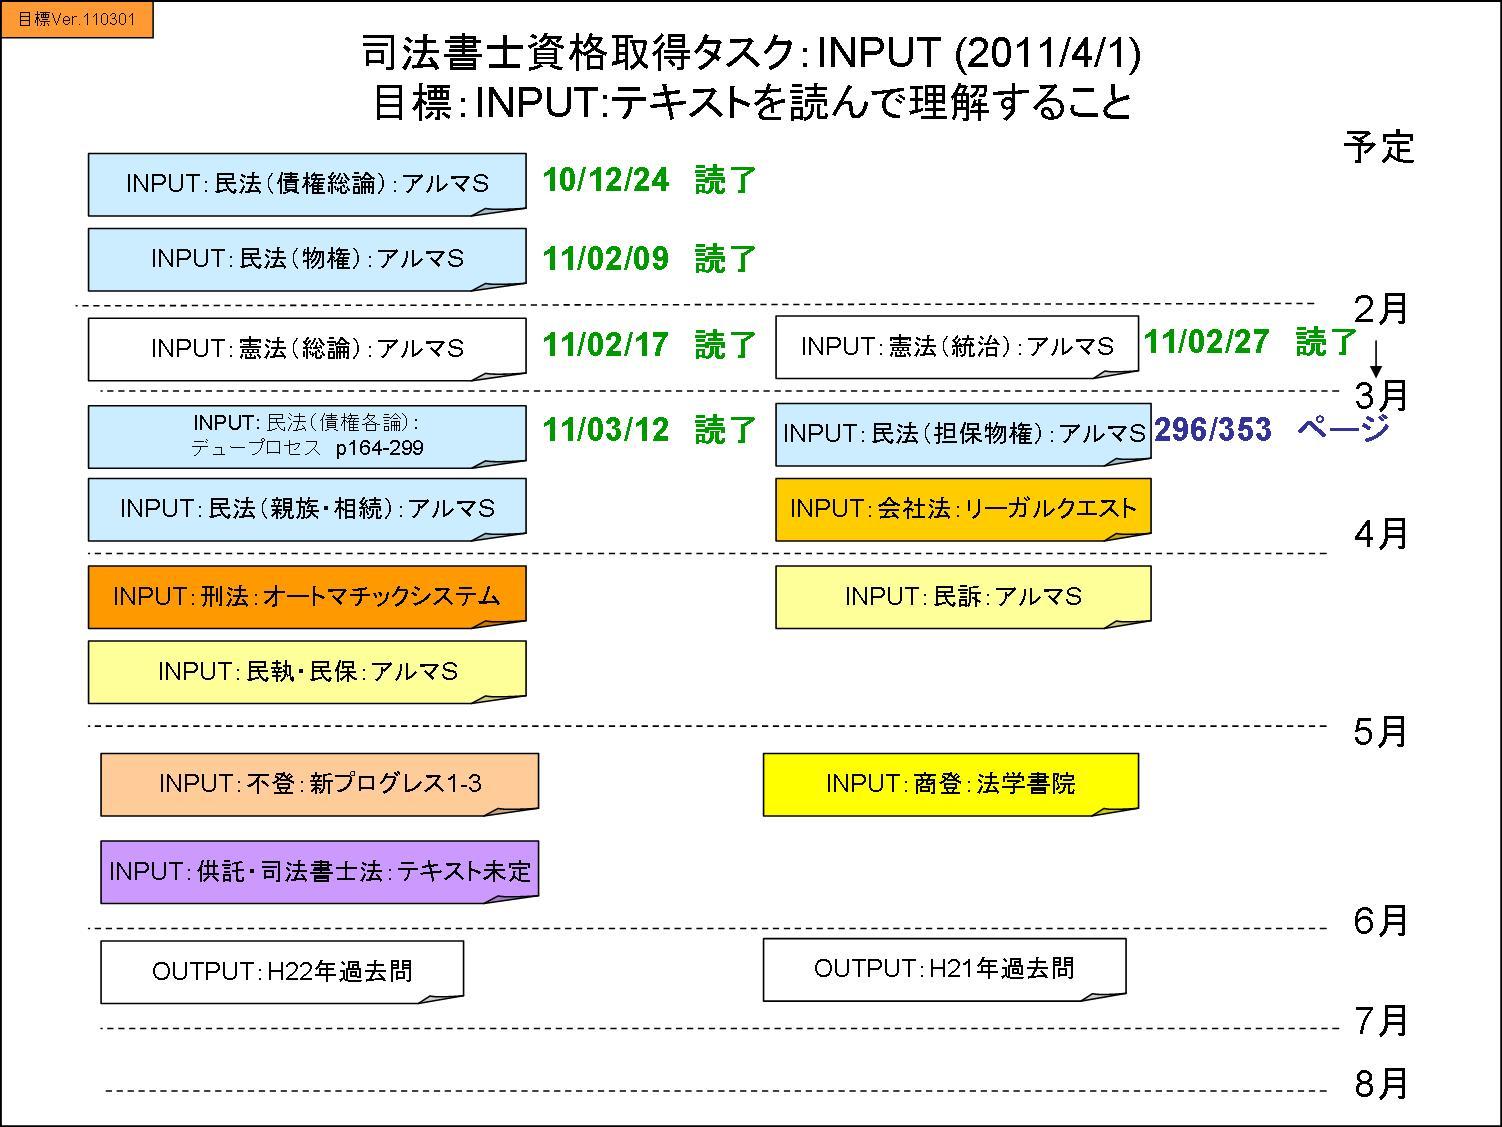 プロジェクト進捗(2011/4/1)_e0204855_22232953.jpg